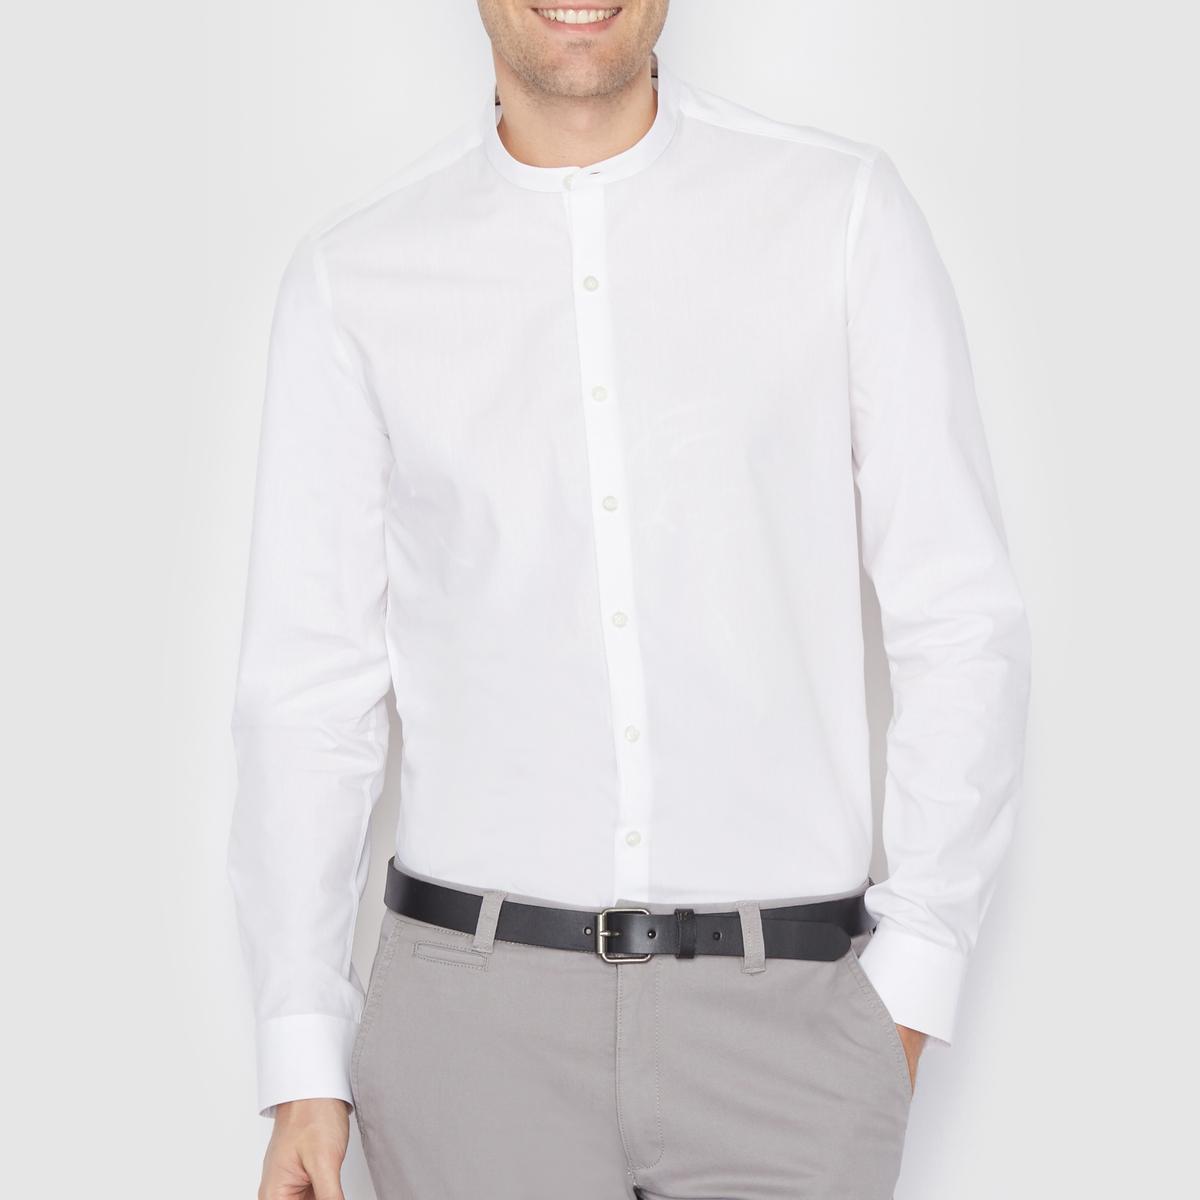 Рубашка зауженного покроя 100% хлопокРубашка в повседневном стиле, узкий покрой, воротник-стойка. Длина 77 см. Низ рукавов с застежкой на пуговицы. Рубашка, 100% хлопок.<br><br>Цвет: белый,небесно-голубой<br>Размер: 41/42.43/44.45/46.47/48.45/46.47/48.39/40